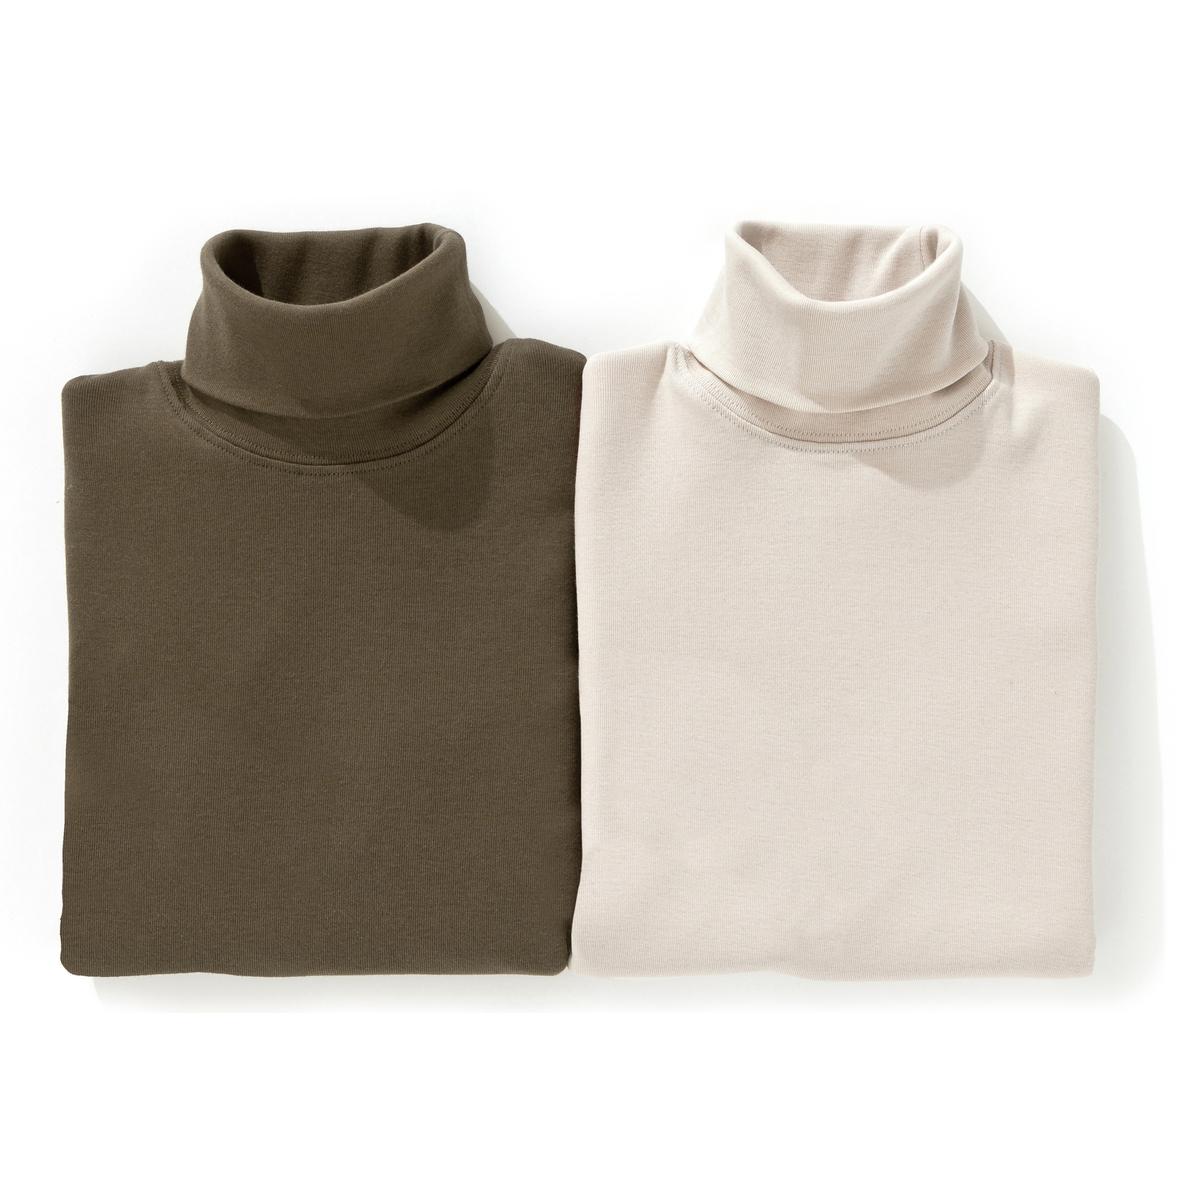 Комплект из водолазок для мальчиков, классическая модельДетали •  Длинные рукава  •  Прямой покрой  •  Воротник с отворотом Состав и уход •  100% хлопок  •  Температура стирки 30°   •  Сухая чистка и отбеливание запрещены    • Барабанная сушка на слабом режиме       •  Низкая температура глажки<br><br>Цвет: бежевый + хаки,бордовый + темно-серый меланж,каштан + экрю,красный + серый меланж,синий+темно-синий,черный + серый меланж<br>Размер: 6 лет - 114 см.4 года - 102 см.3 года - 94 см.8 лет - 126 см.6 лет - 114 см.8 лет - 126 см.4 года - 102 см.8 лет - 126 см.6 лет - 114 см.3 года - 94 см.3 года - 94 см.10 лет - 138 см.8 лет - 126 см.4 года - 102 см.6 лет - 114 см.4 года - 102 см.3 года - 94 см.4 года - 102 см.6 лет - 114 см.10 лет - 138 см.8 лет - 126 см.3 года - 94 см.5 лет - 108 см.10 лет - 138 см